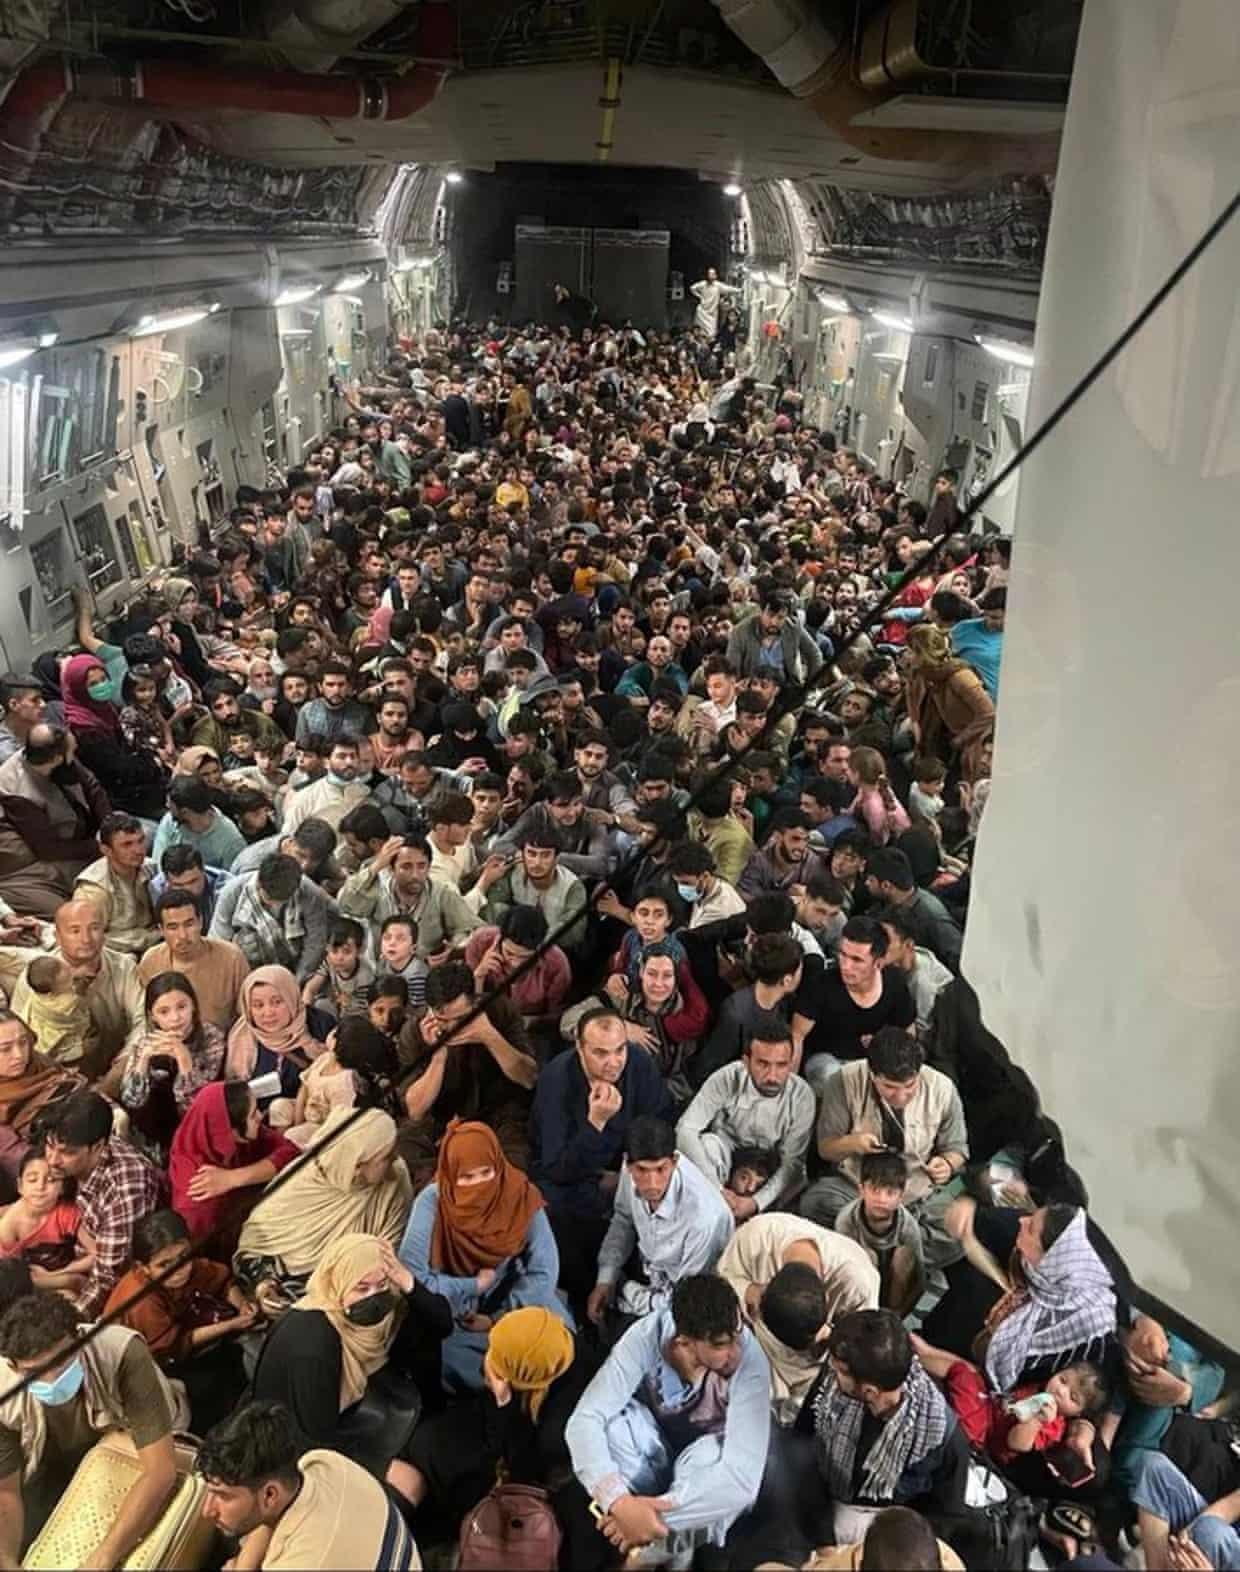 Снимок дня. 640 афганцев в самолете американских ВВС